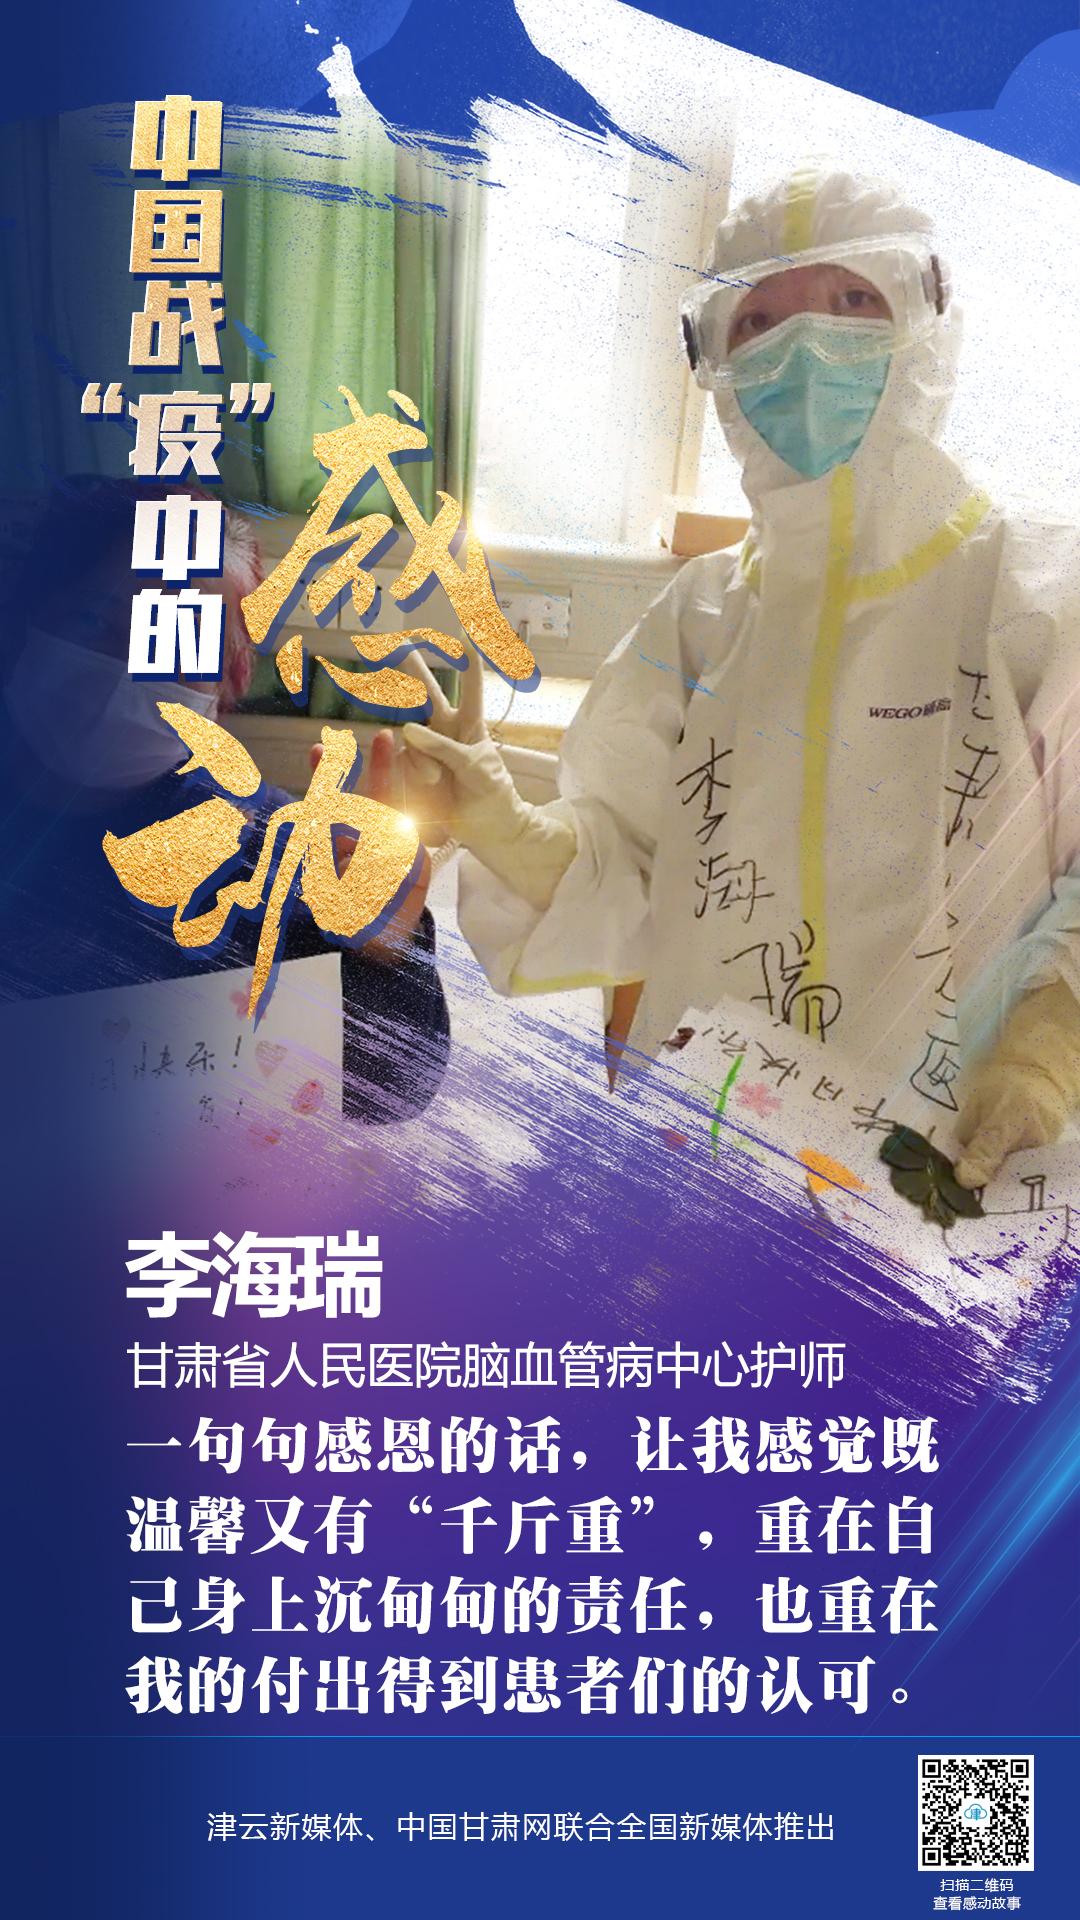 """【战""""疫""""中的感动】 省人民医院李海瑞:上下同欲者胜,风雨同舟者兴"""